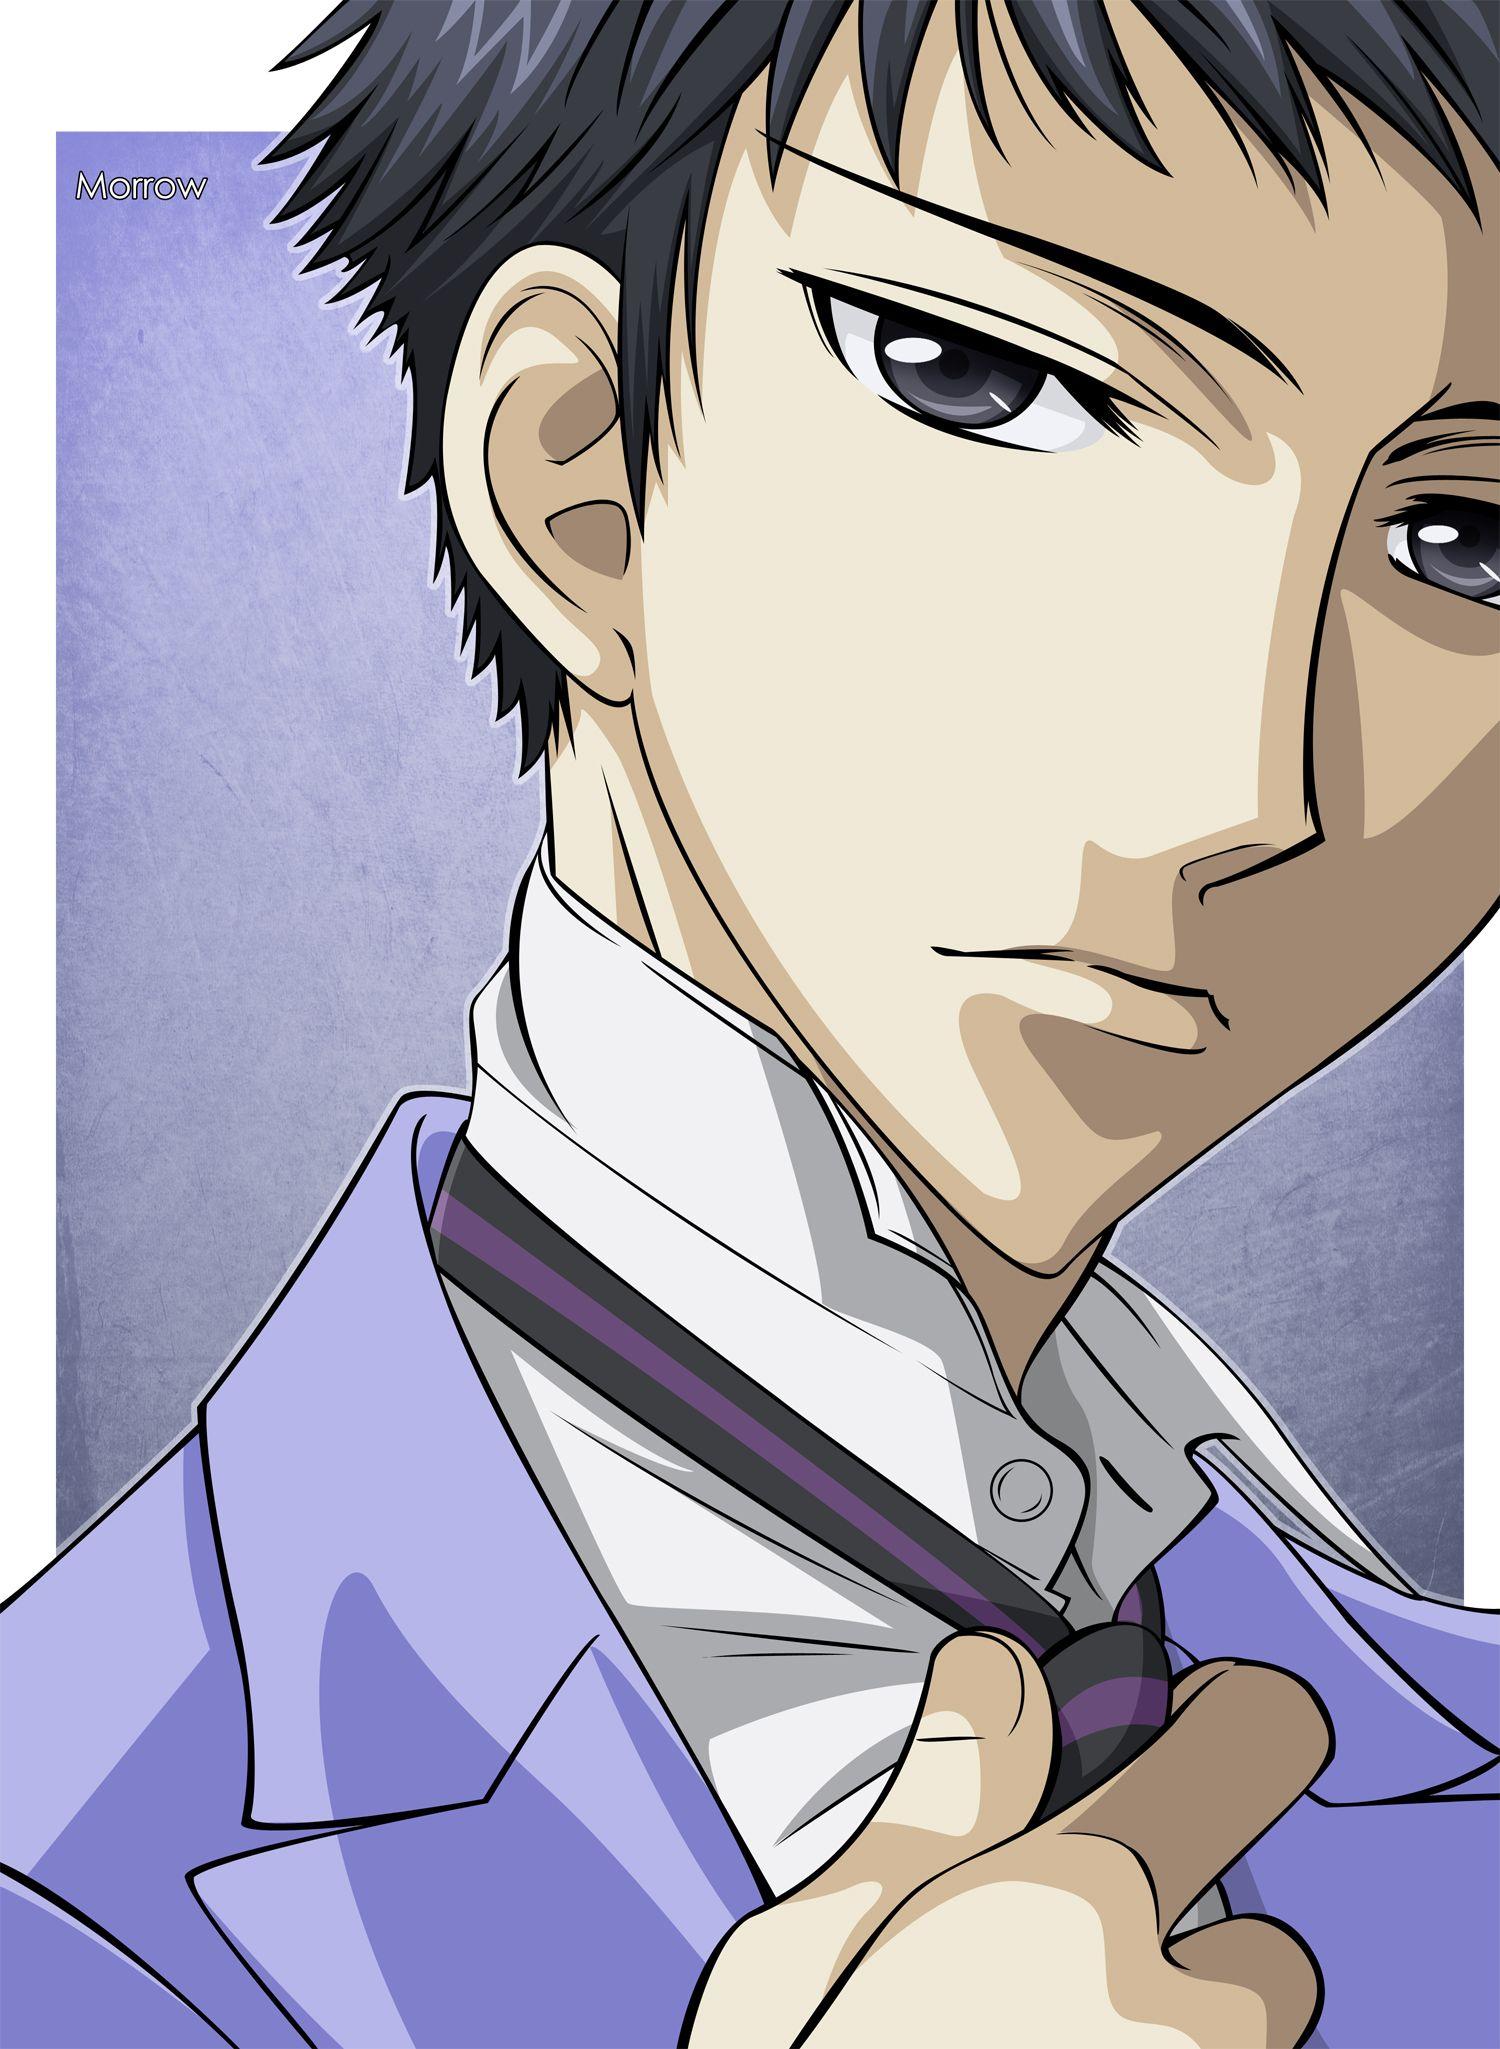 Ouran High School Host Club Morinozuka Takashi I ship